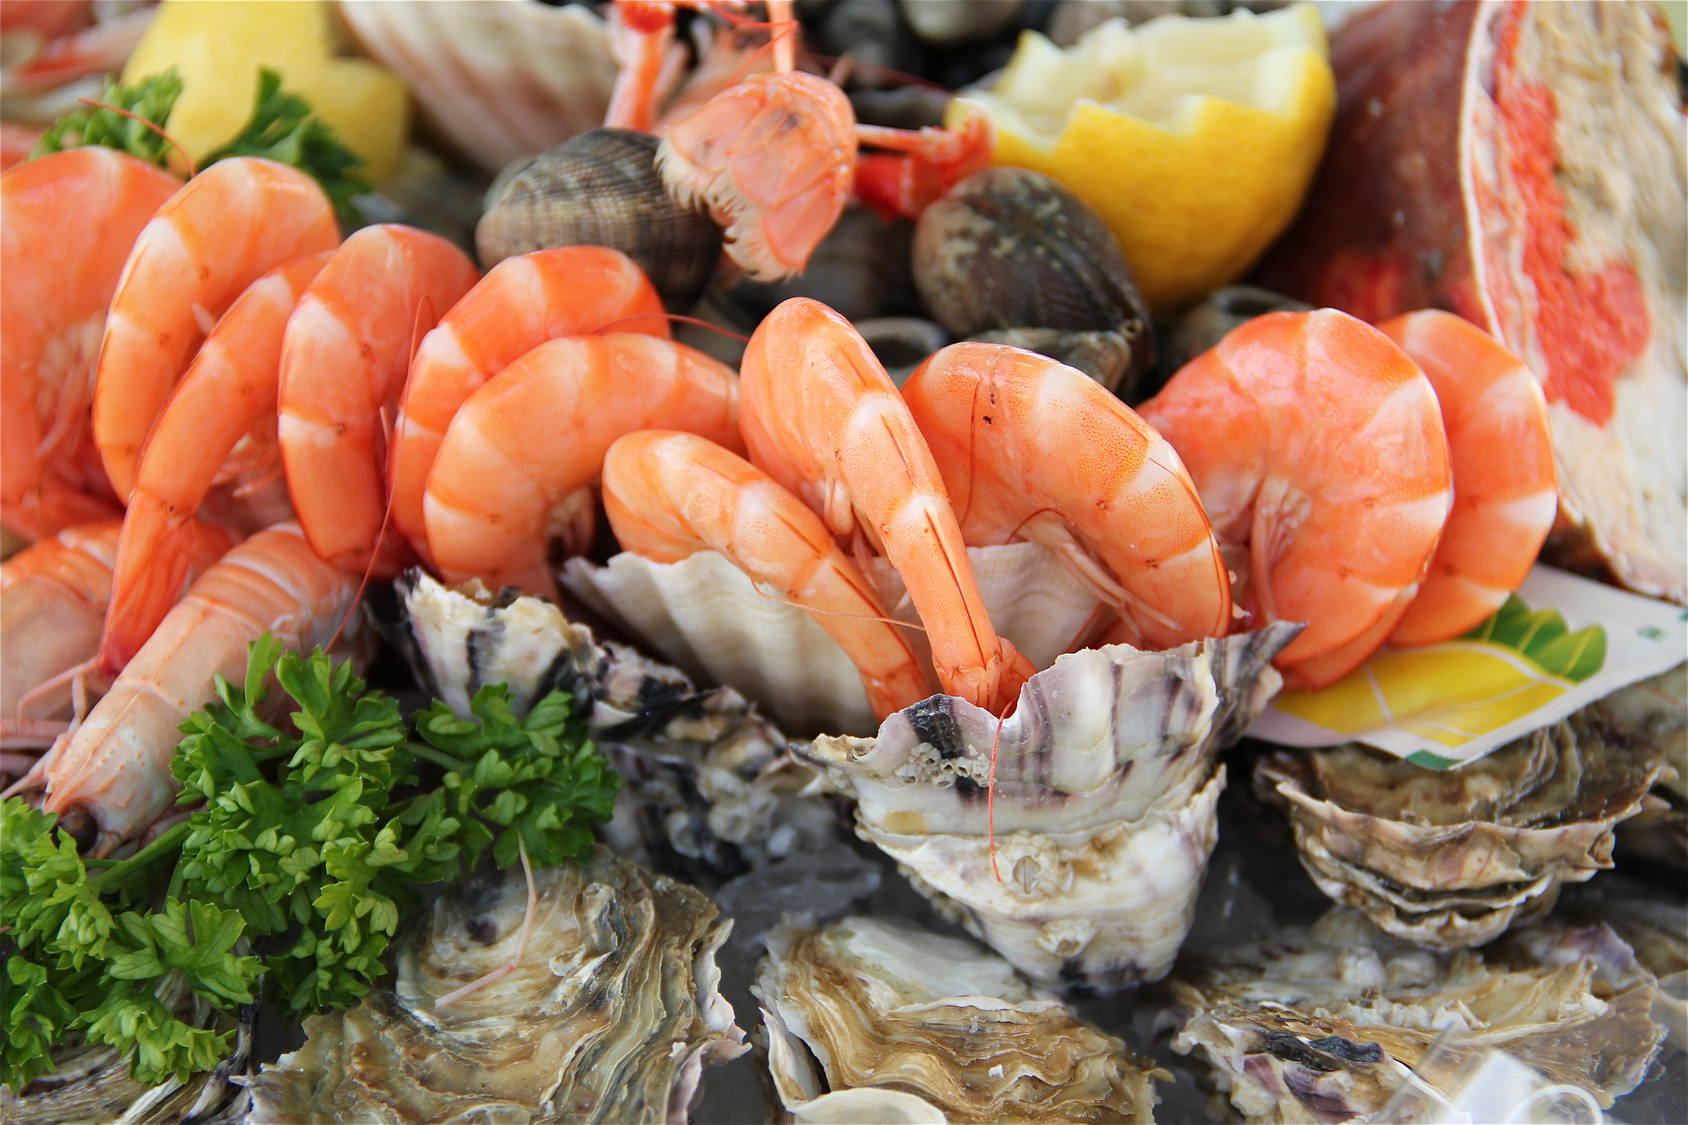 Attention aux allergies croisées acariens-crevettes-escargots !